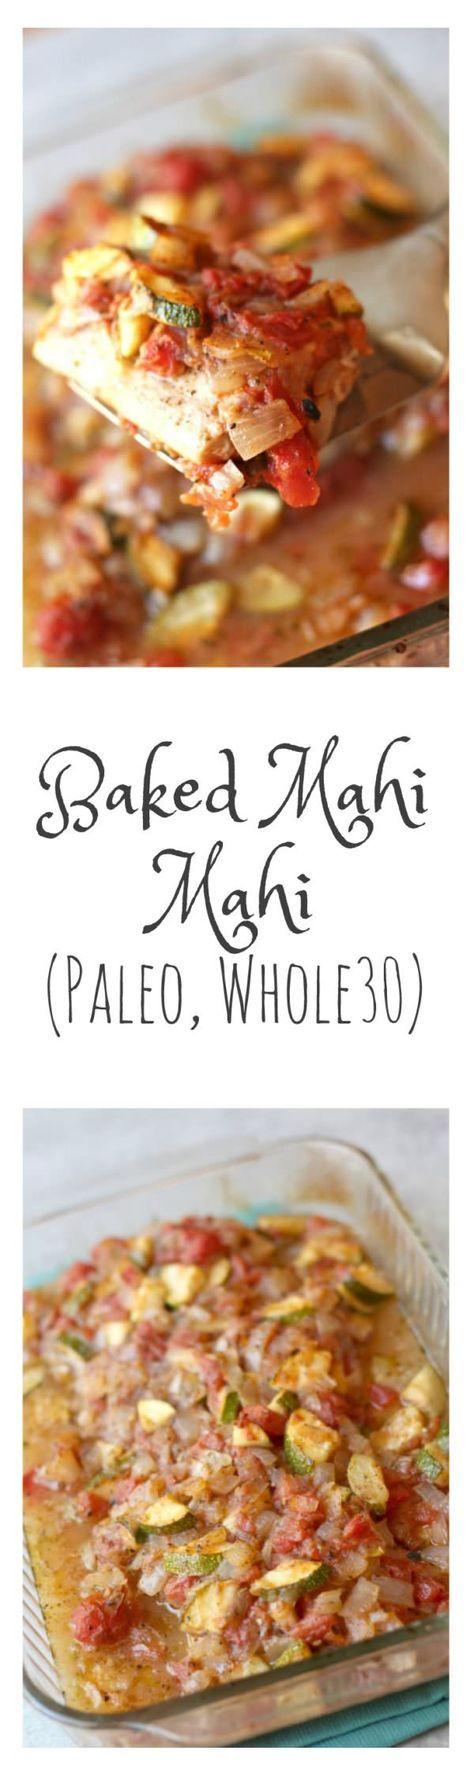 Baked Mahi Mahi with Vegetables (Paleo, Whole30)